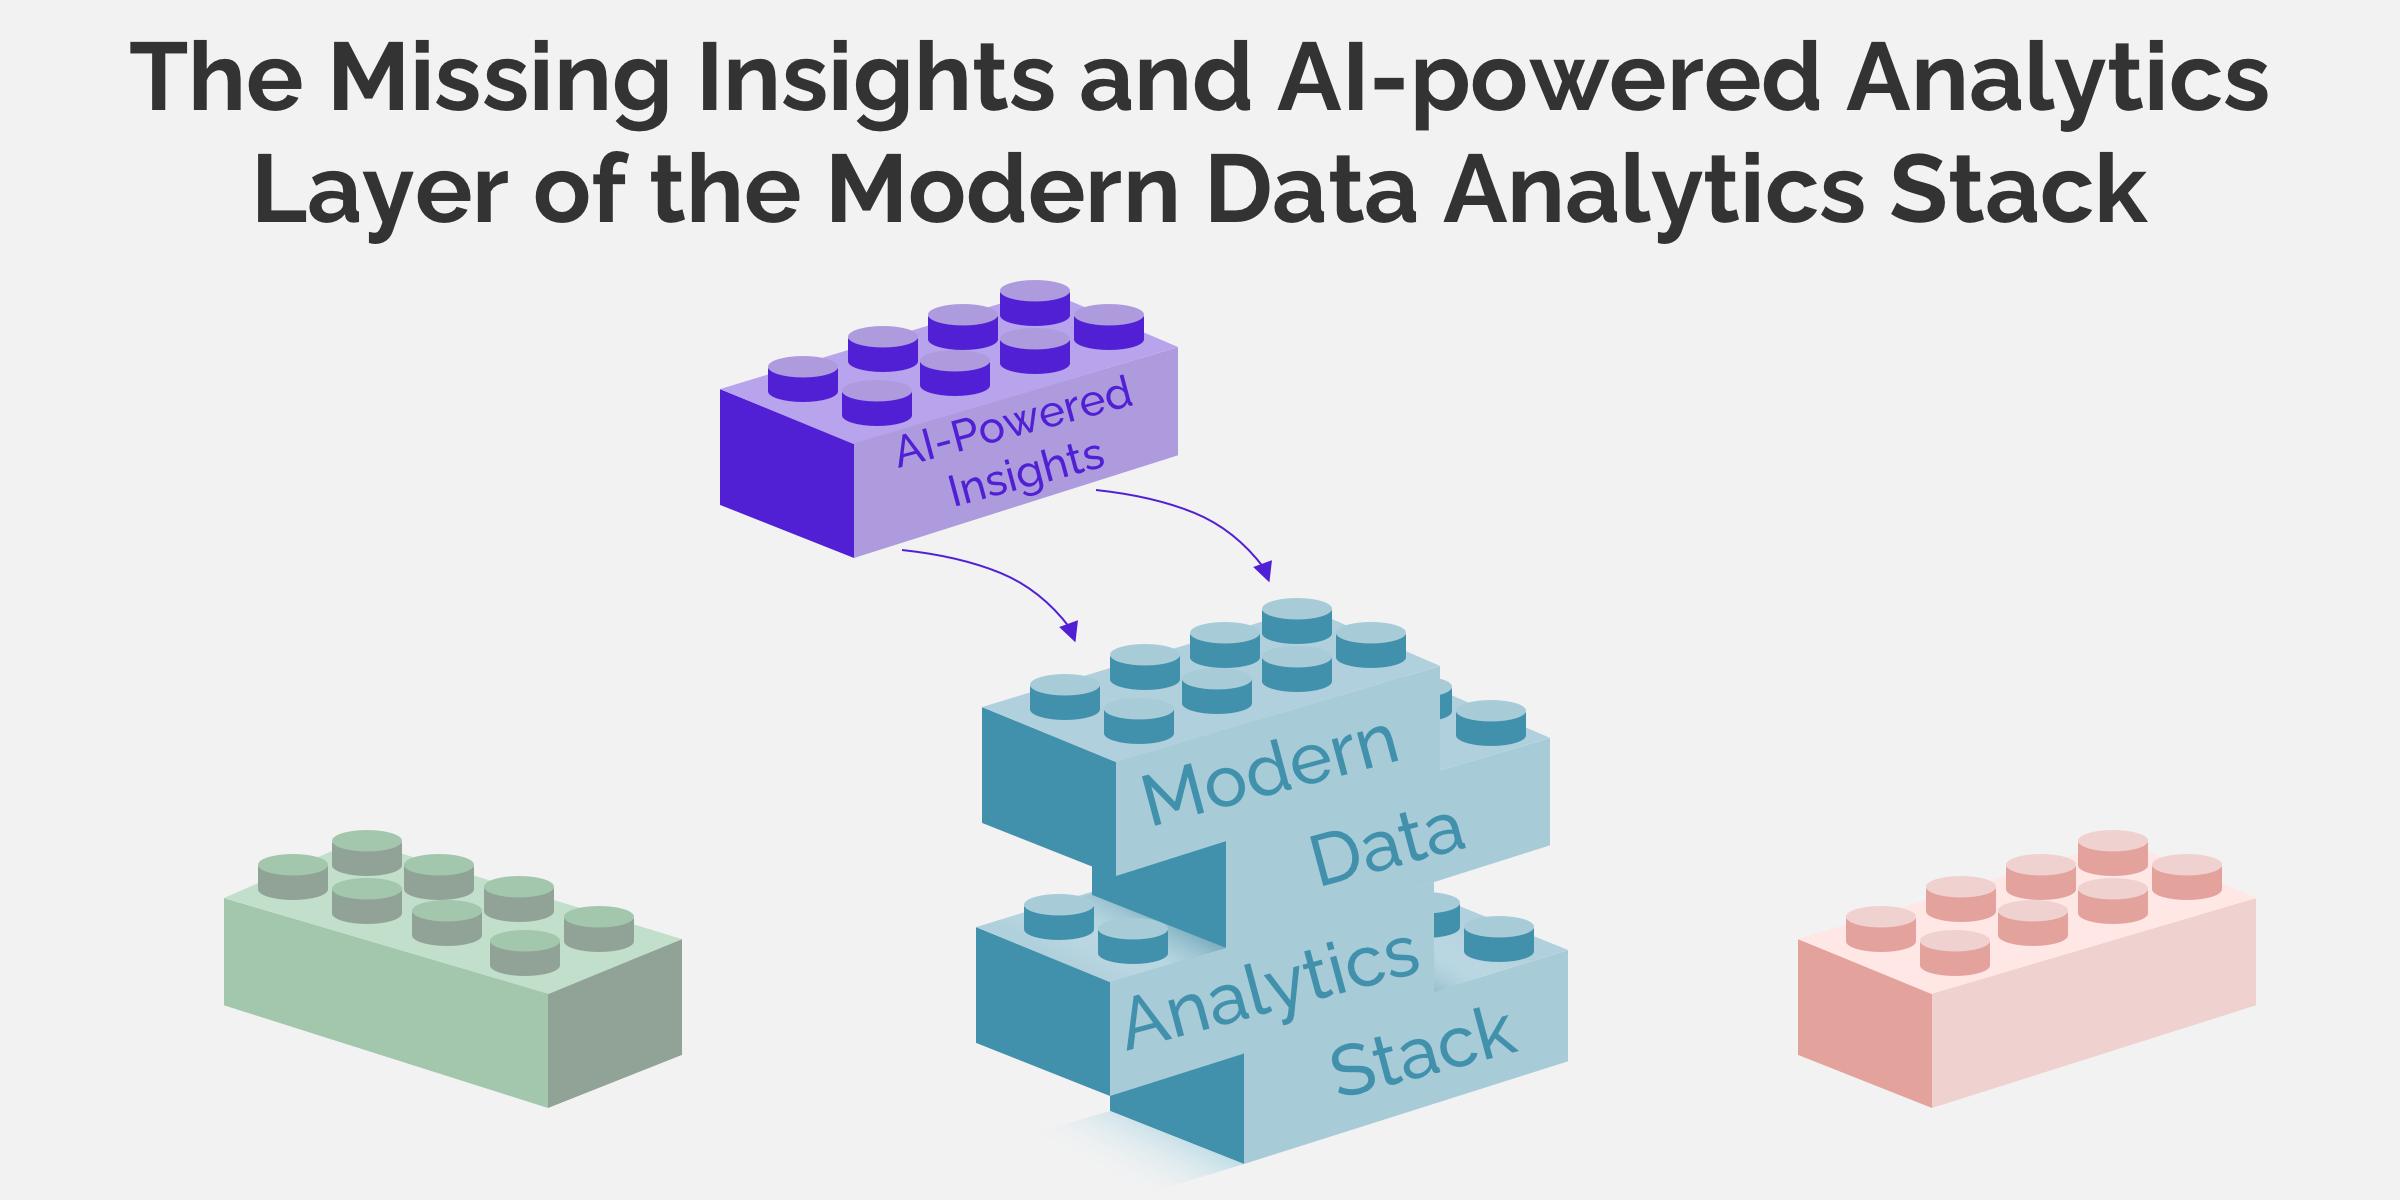 AI-powered Analytics Layer of the Modern Data Analytics Stack